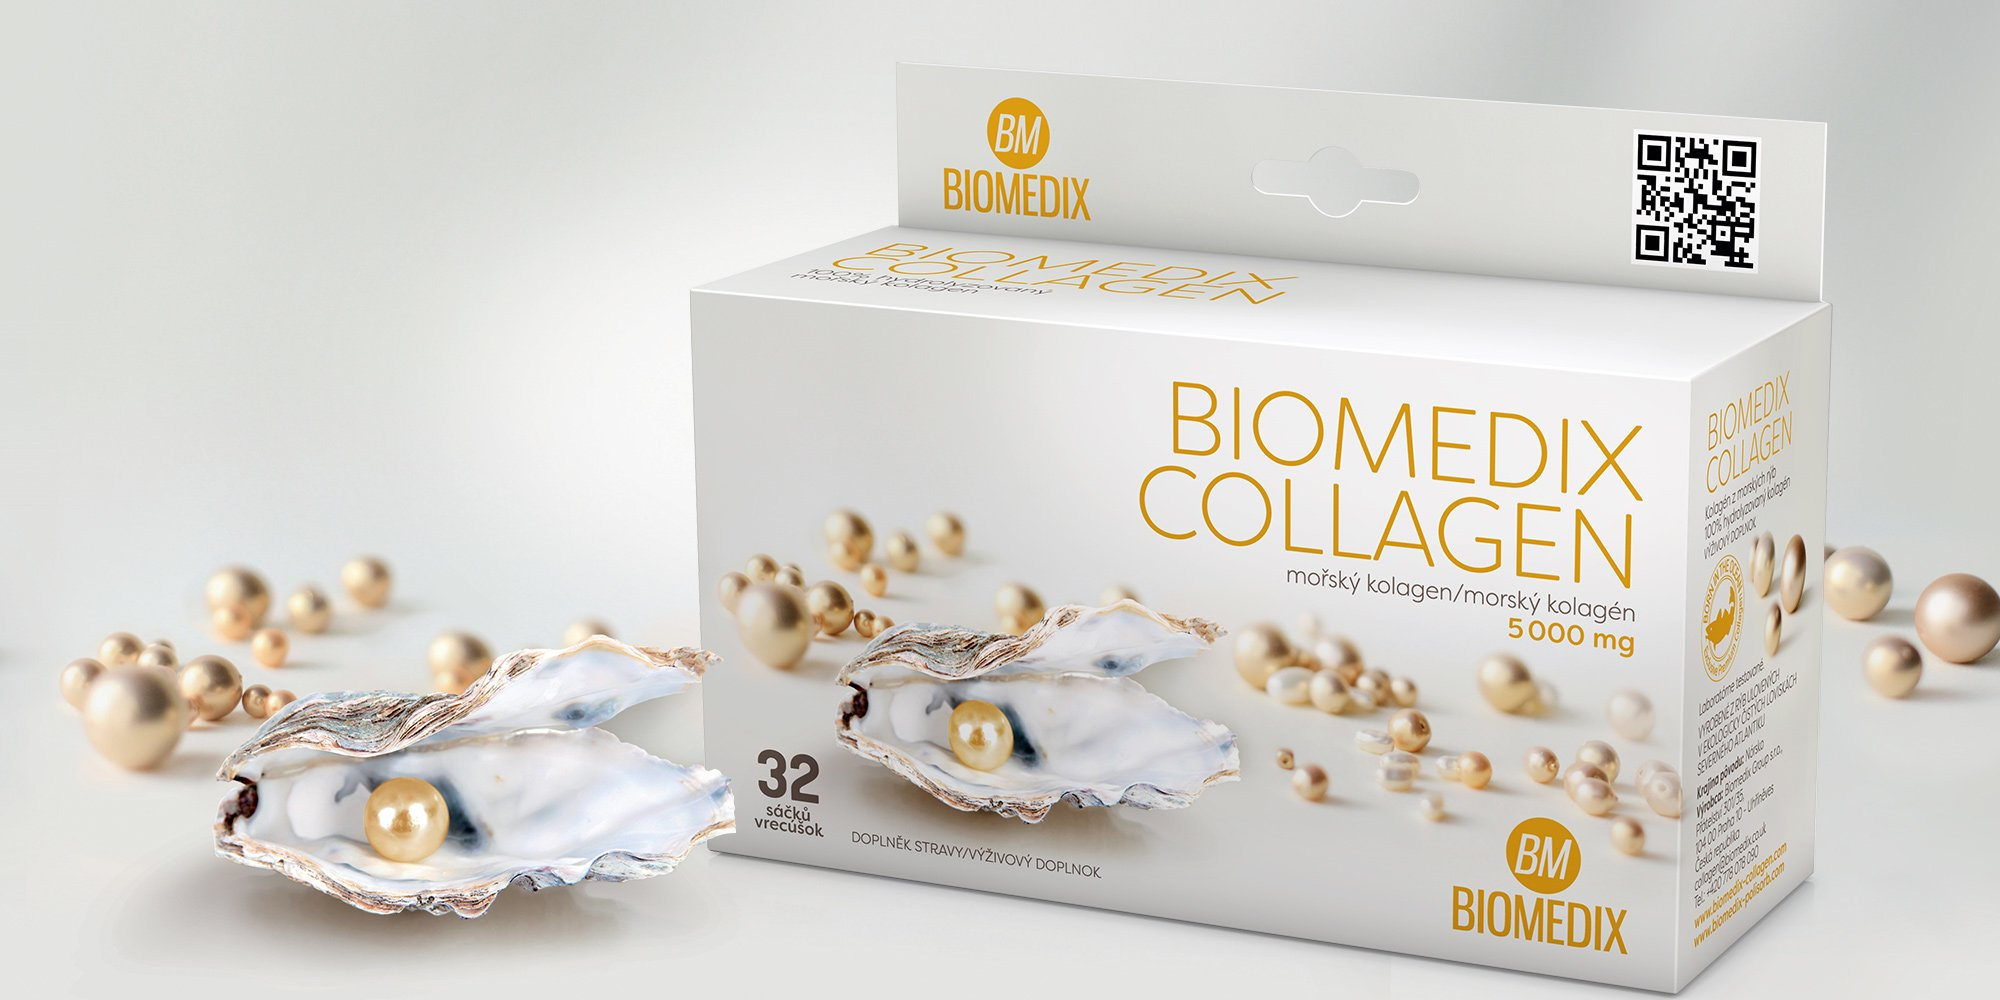 collagen ruzne druhy